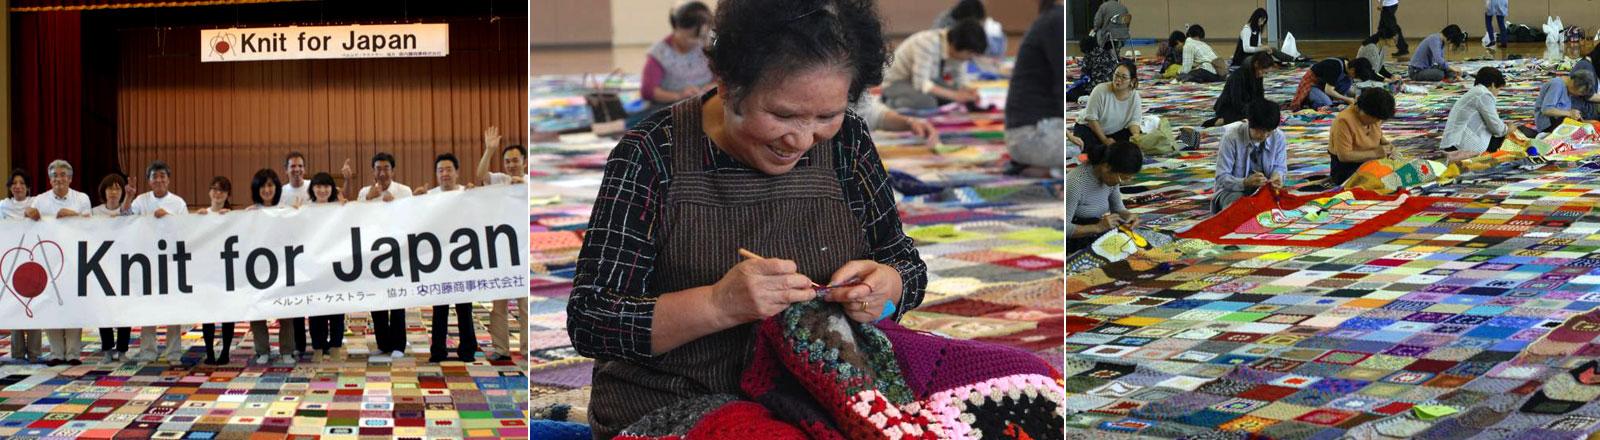 Das Projekt Knit for Japan fertigte die größte Decke der Welt.